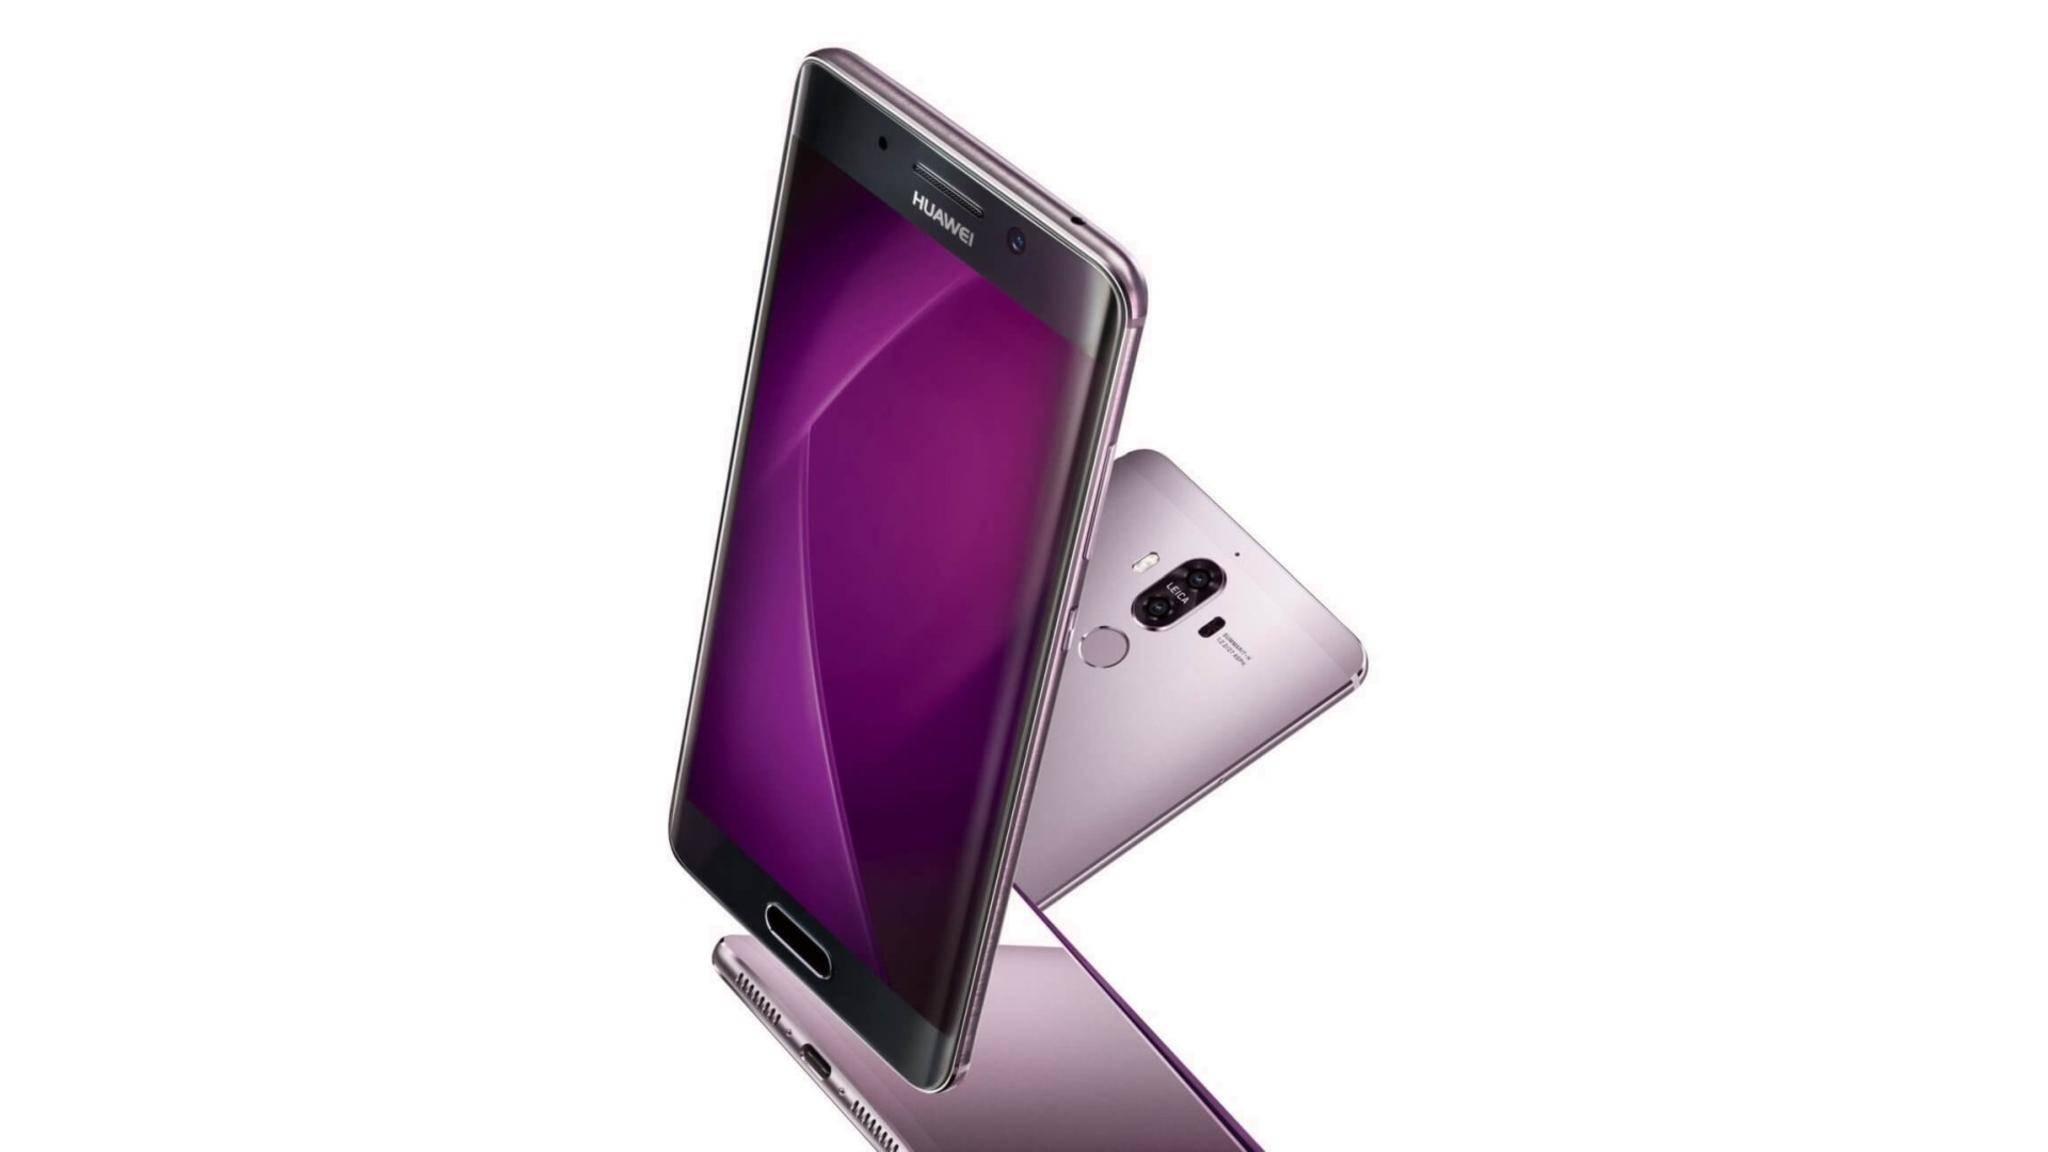 Das Huawei Mate 9 Pro könnte das teuerste Smartphone werden.